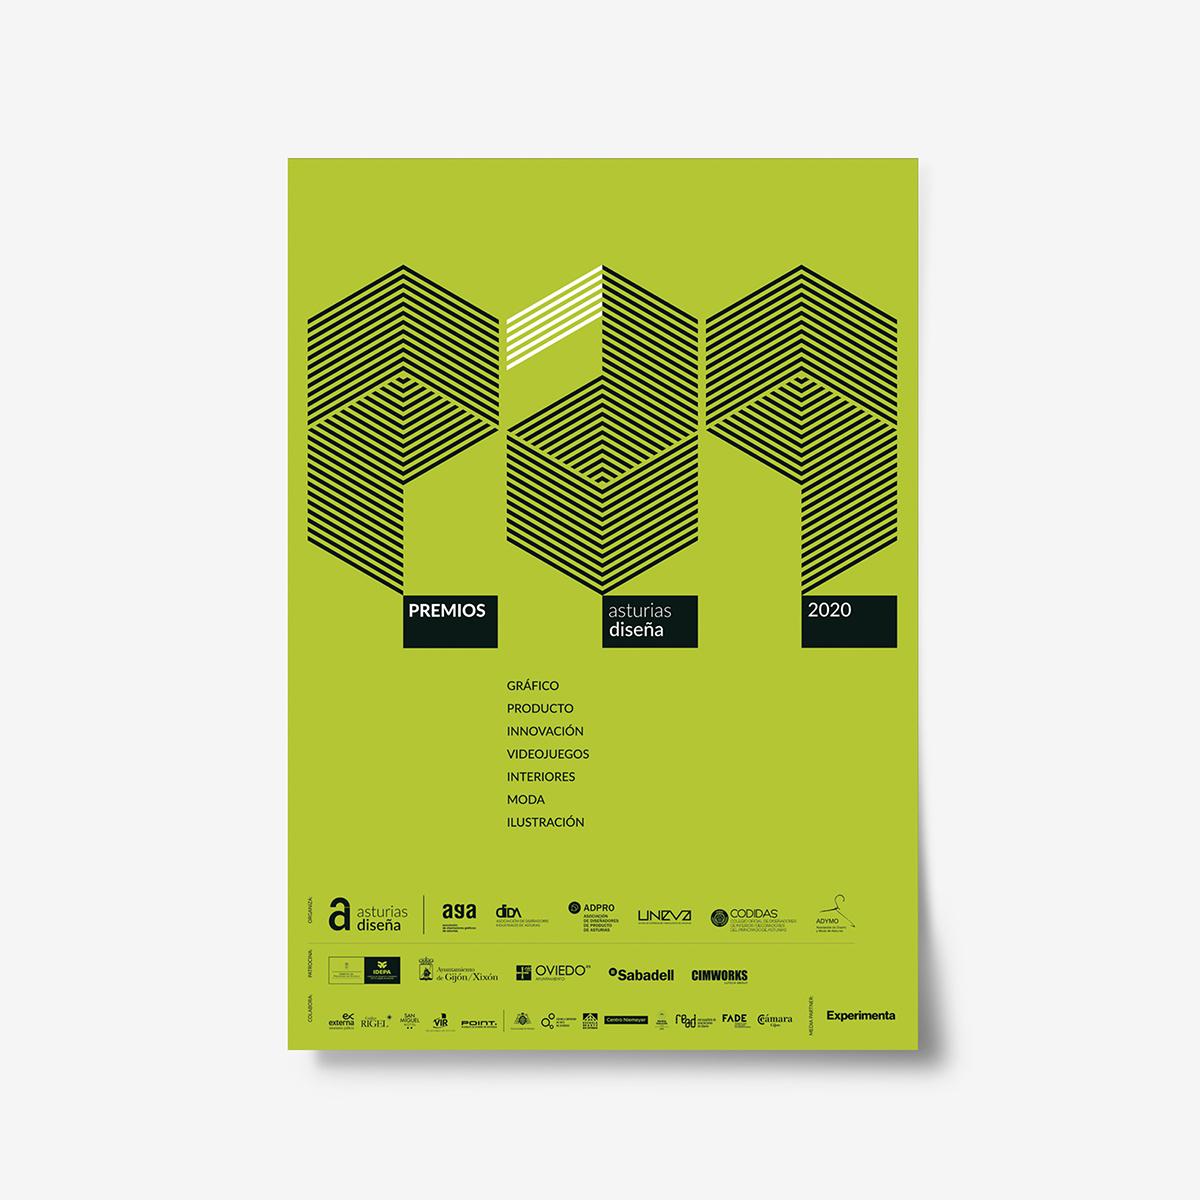 Cartel Premios Jornadas Asturias Diseña 2019. Serie de carteles diseñados por Goyo Rodríguez.